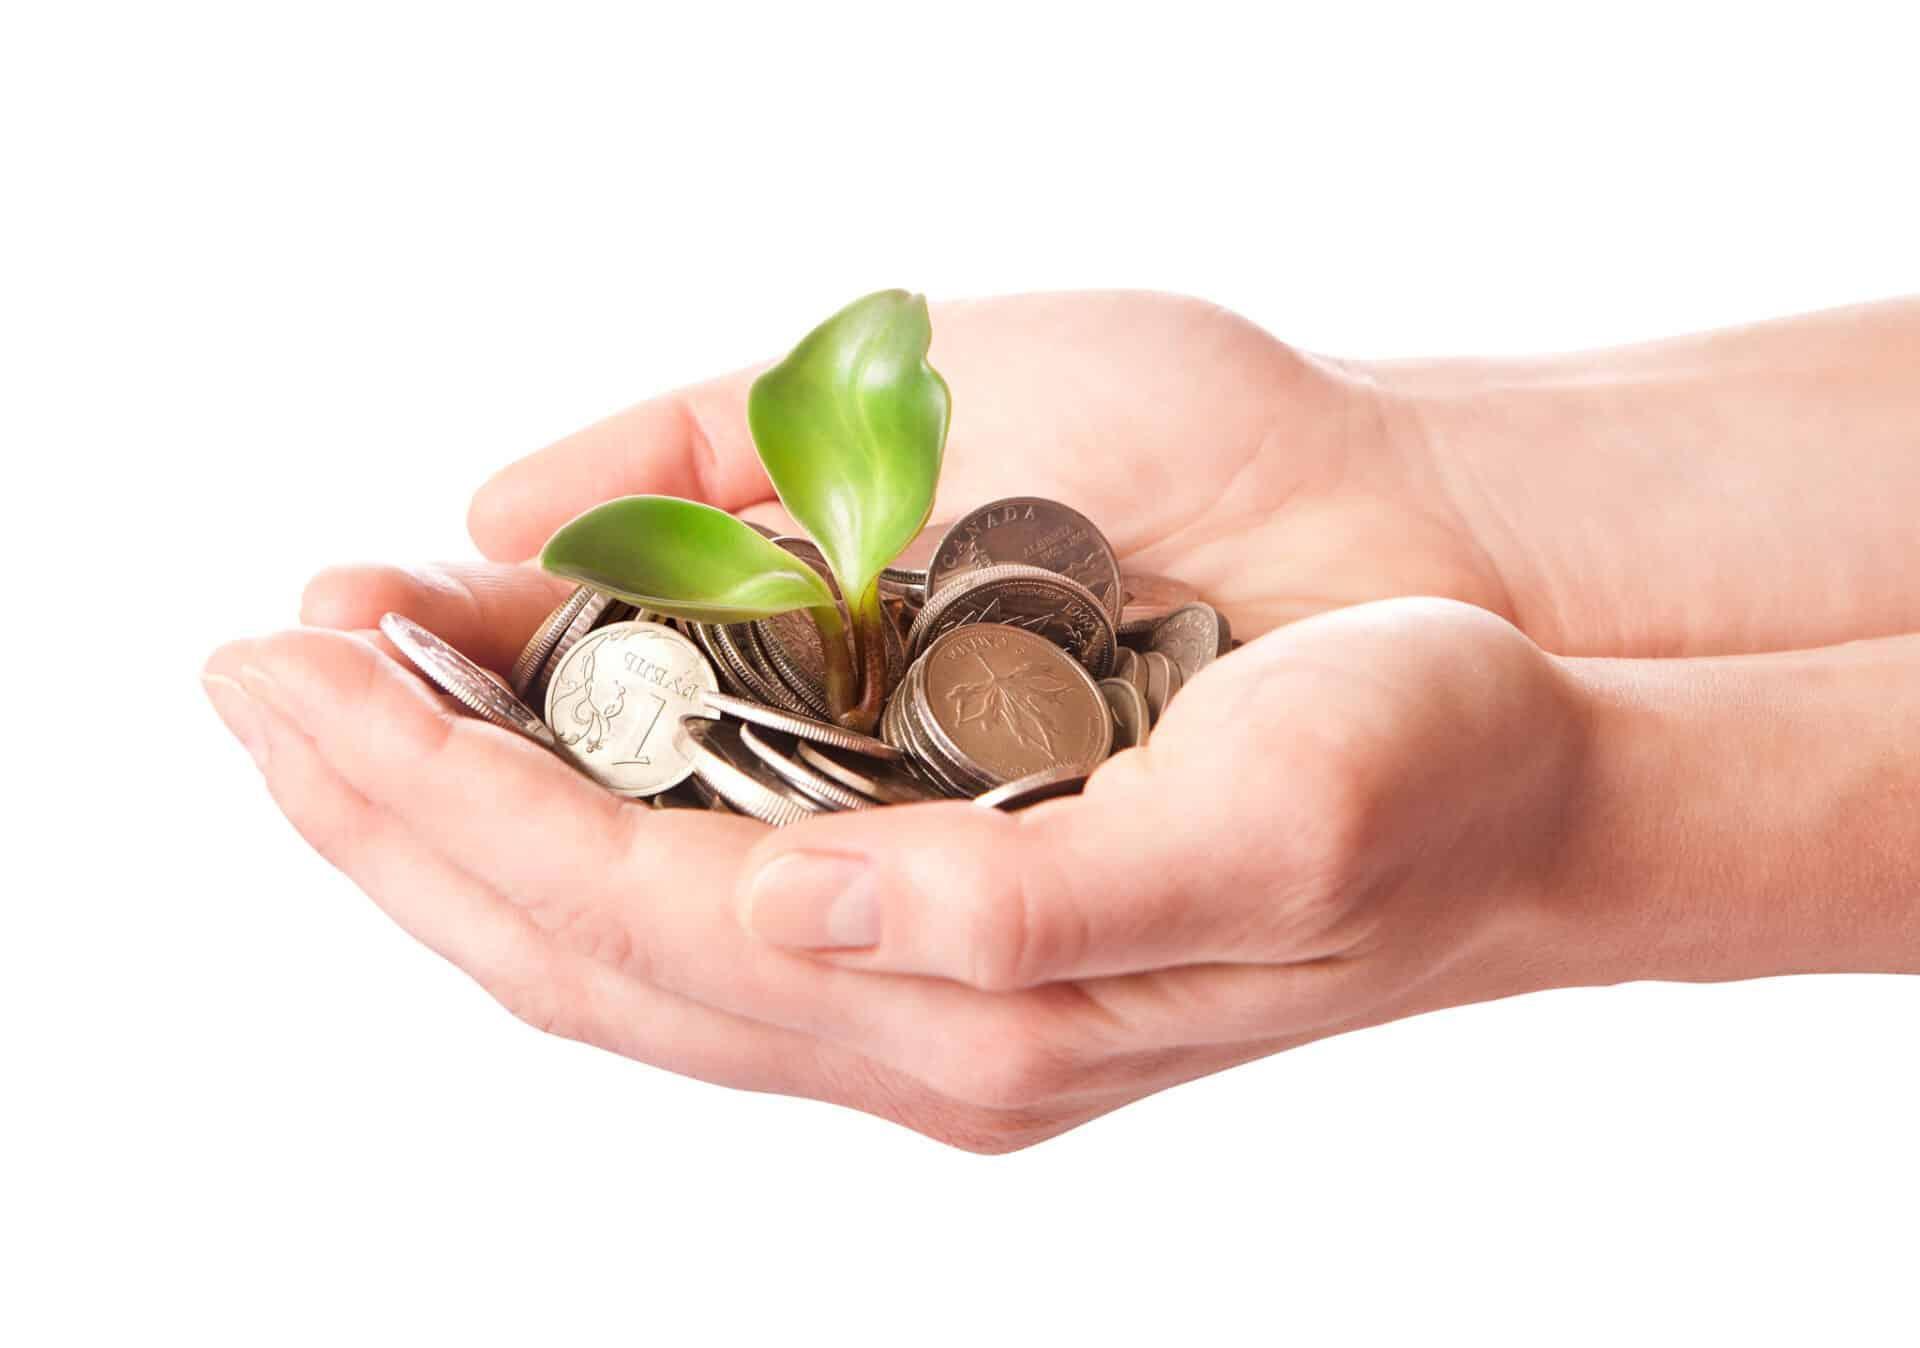 Dónde invertir dinero y cómo hacerlo de forma segura en 2020